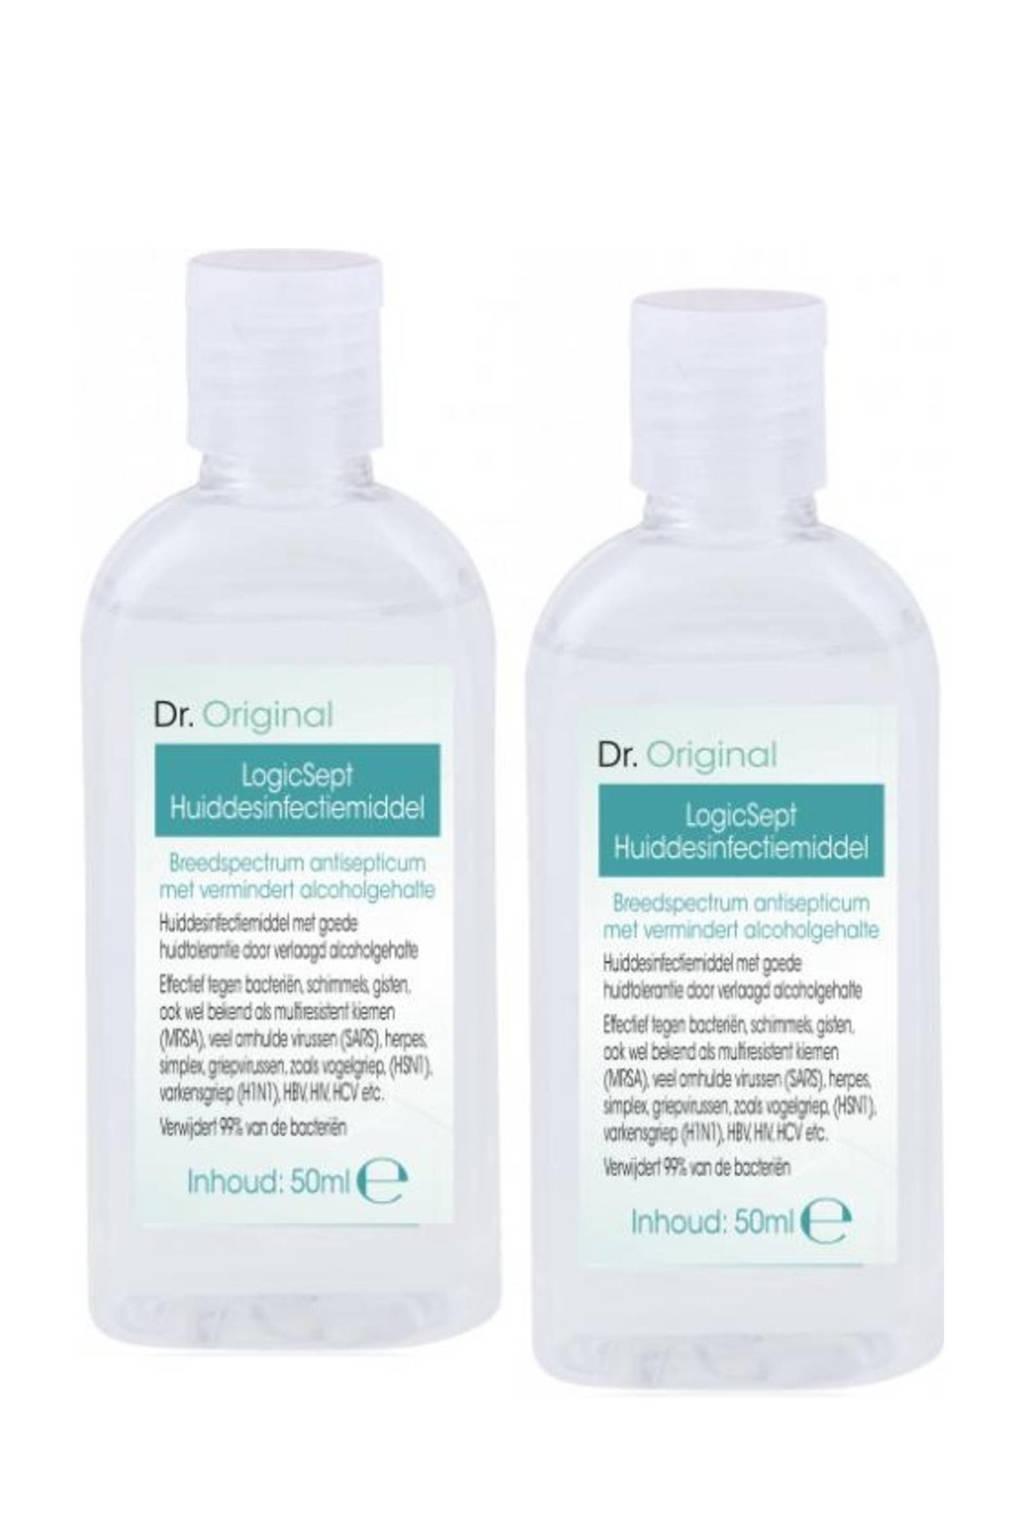 Dr. Original LogicSept Handdesinfectiemiddel - 50 ml duopack